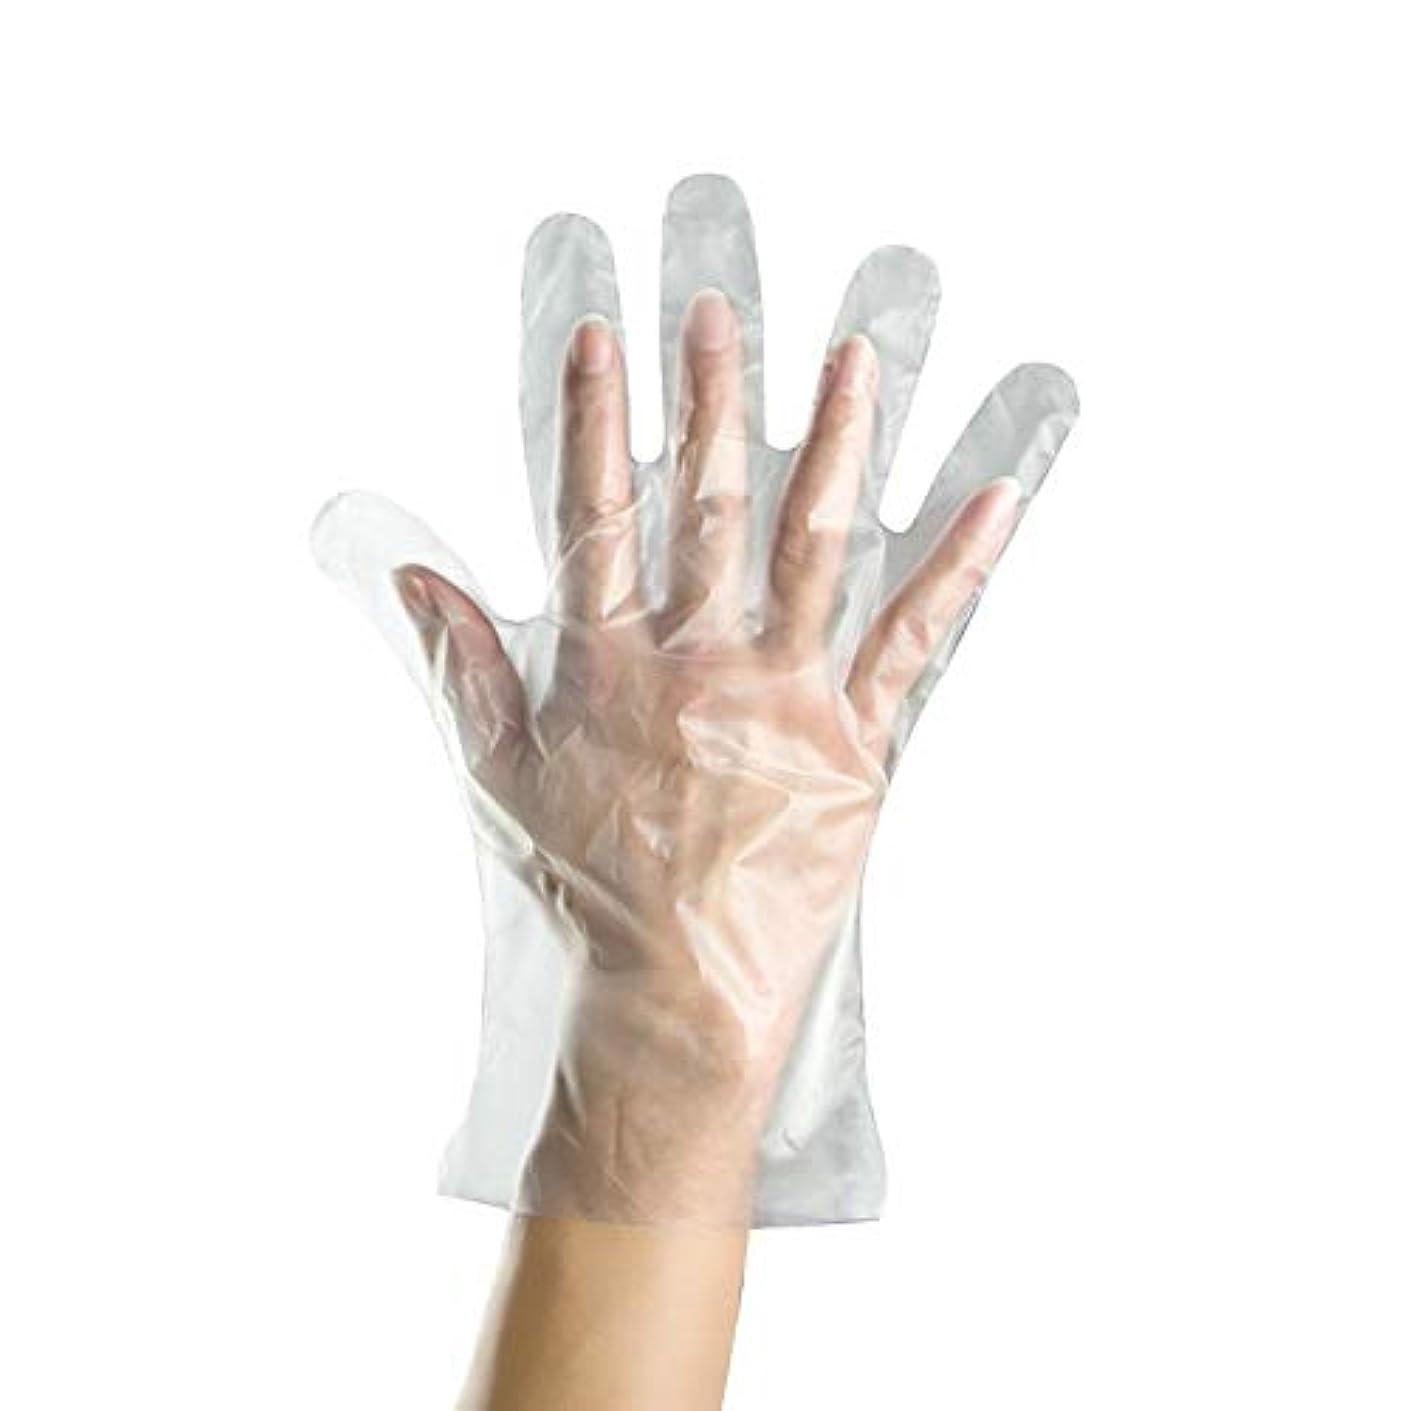 ブランデー上流のペッカディロ1000のみ使い捨てプラスチックPEフィルム手袋 - 医療、食品衛生、美容院、家庭用手袋などに適しています YANW